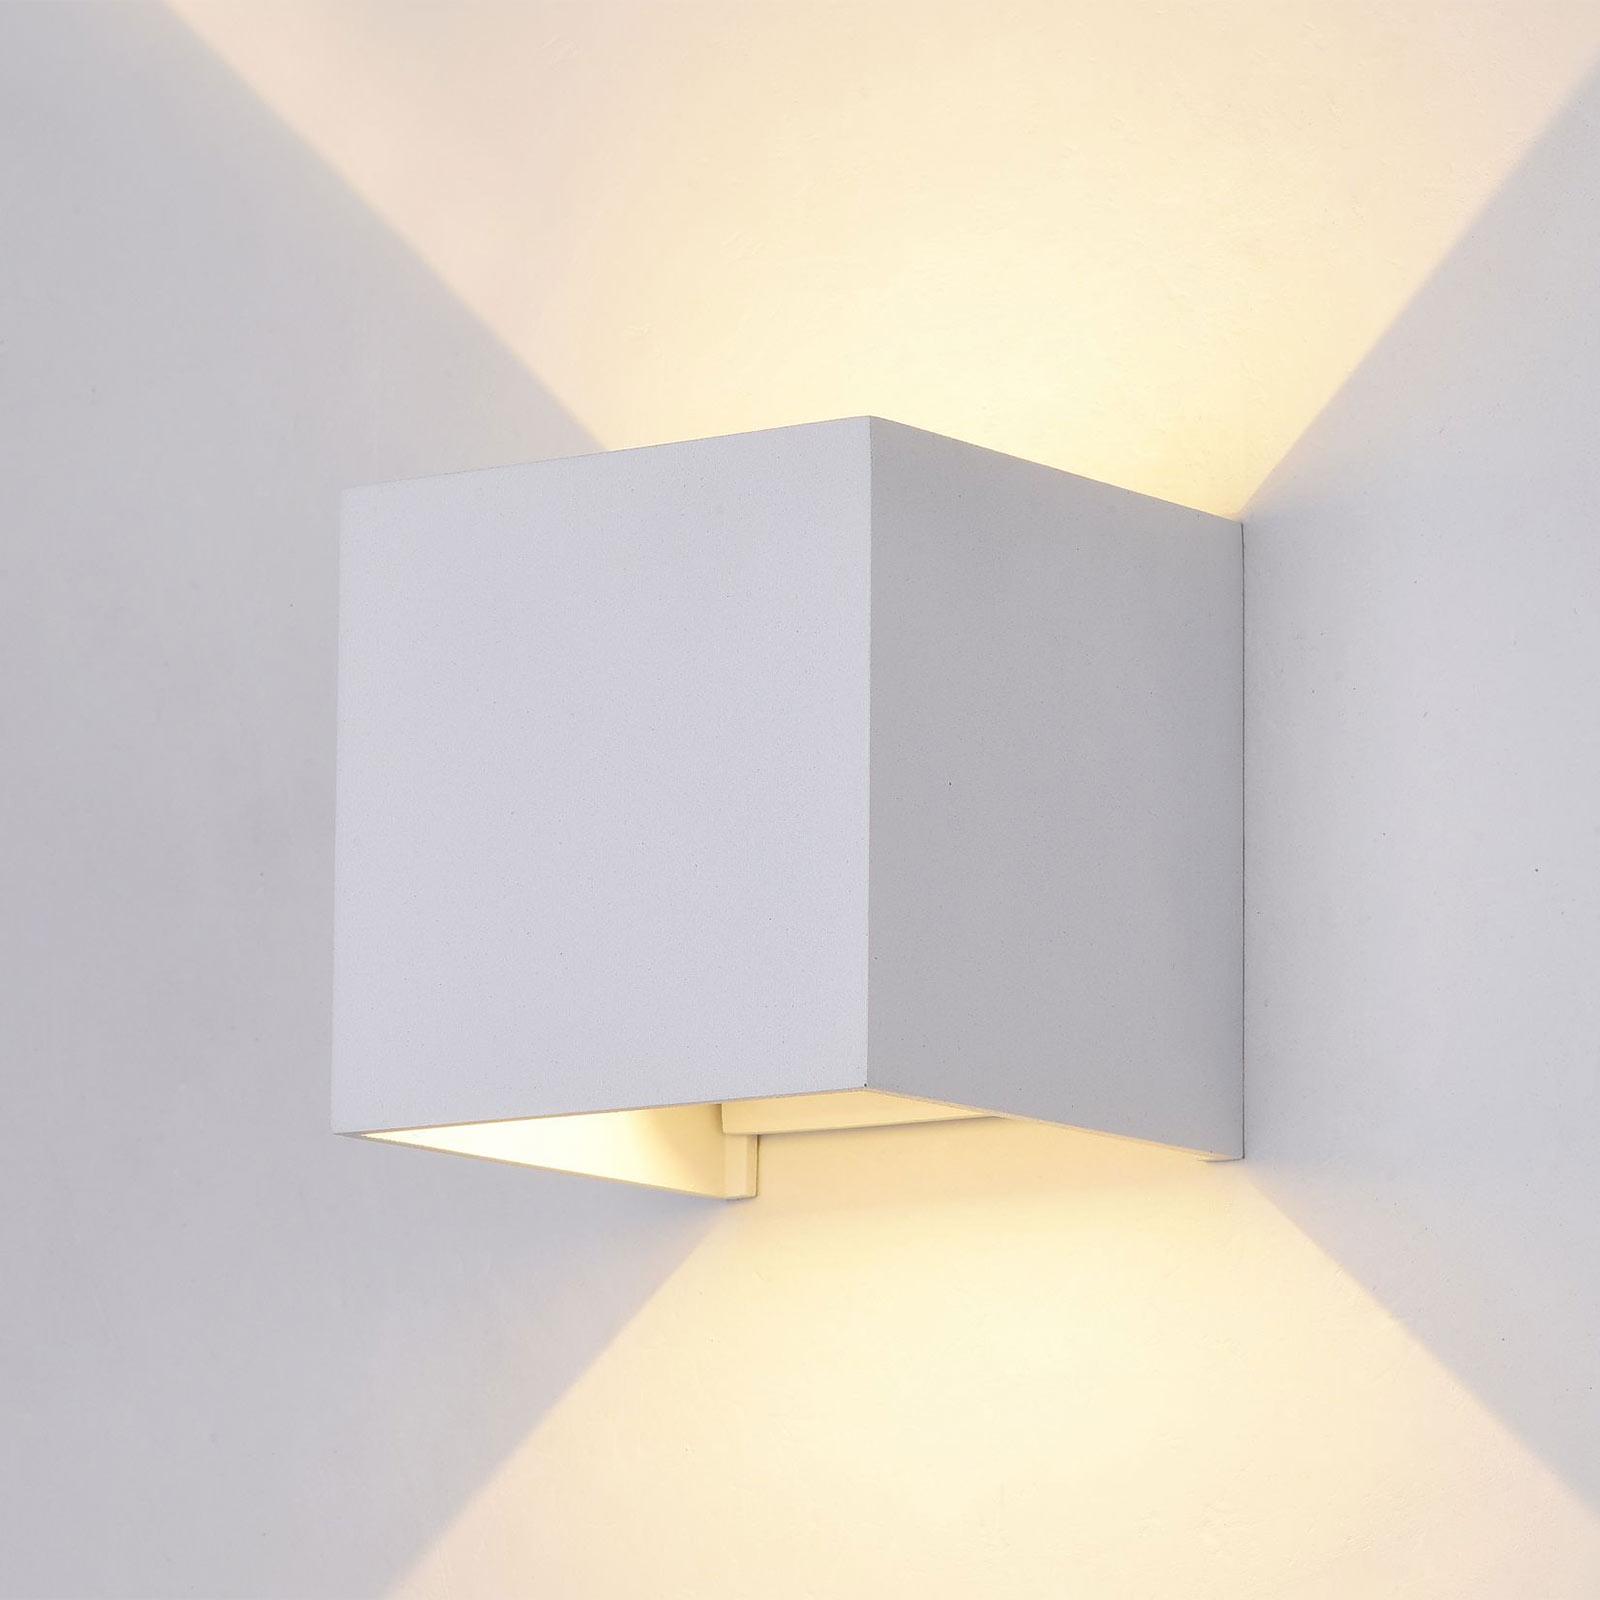 LED buitenwandlamp Fulton, 10x10cm, wit